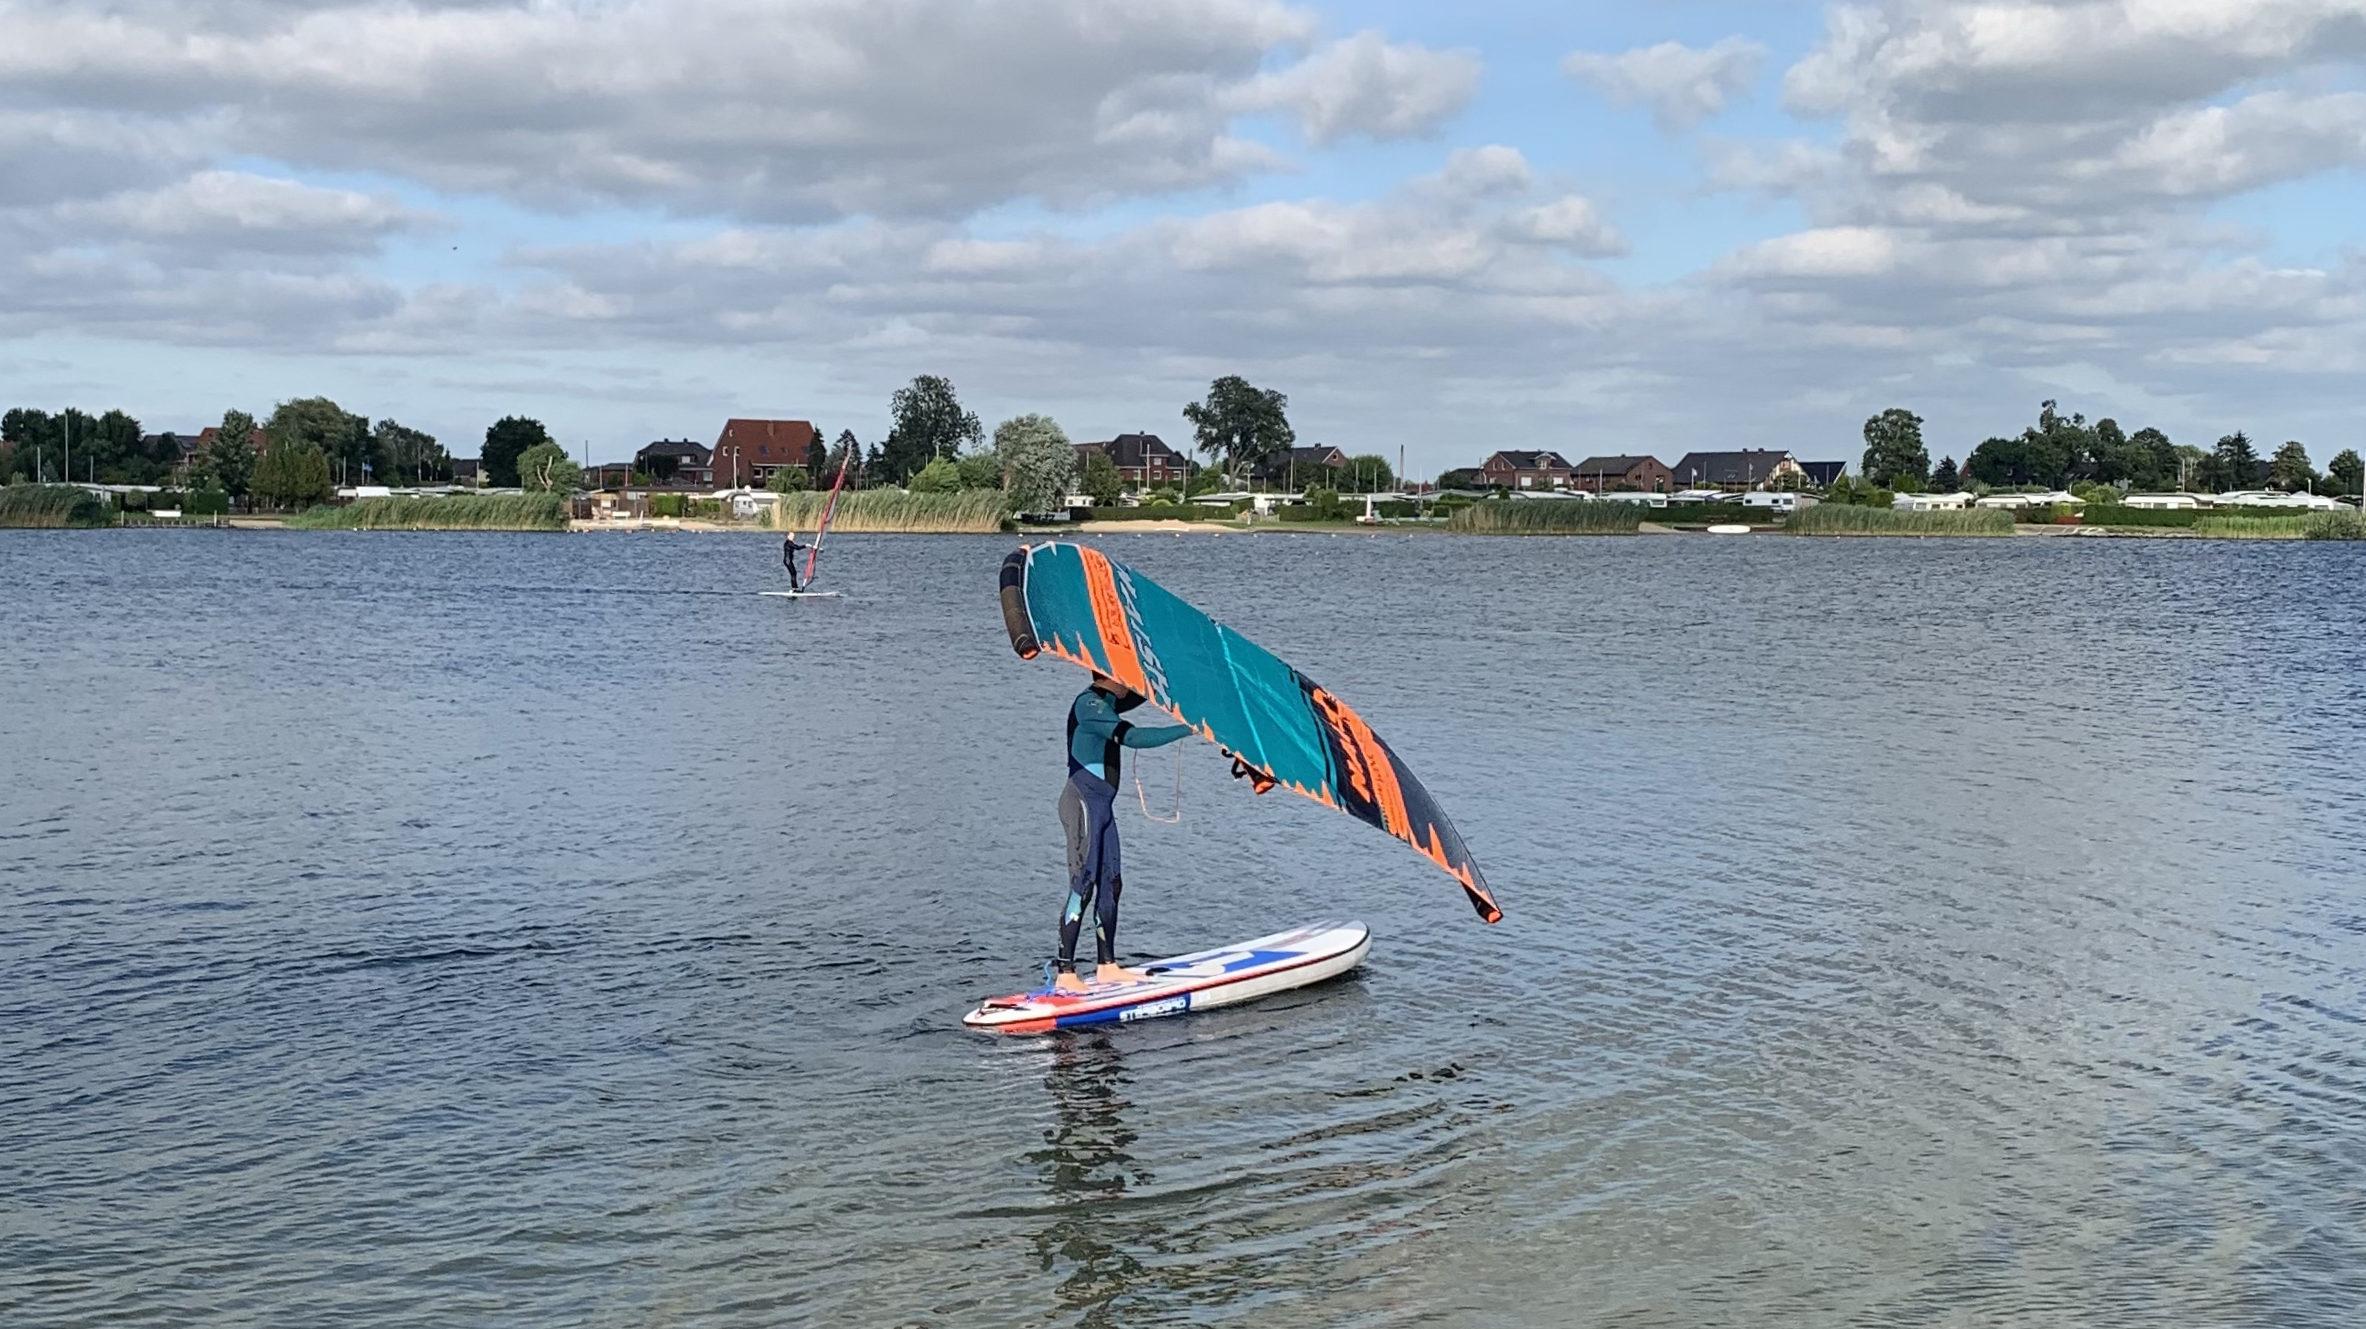 Wingsurfen mit SUP Board